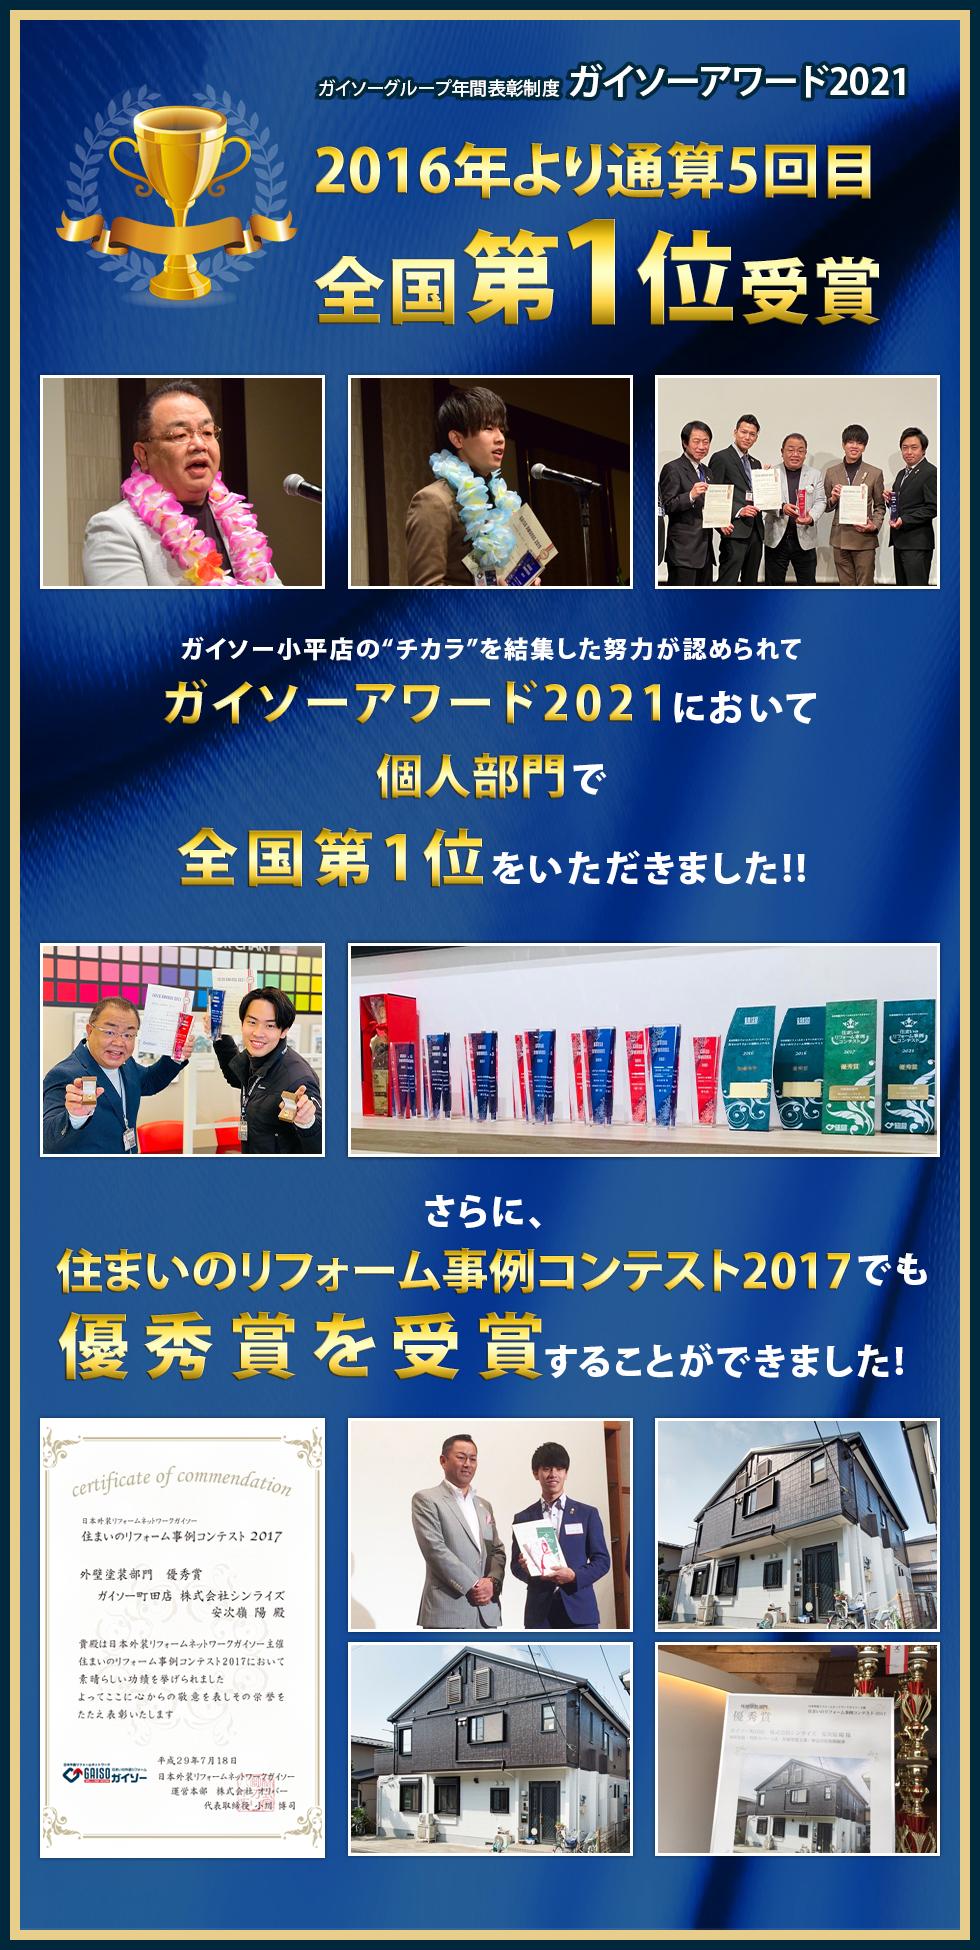 """ガイソー小平店・調布店の""""チカラ""""を結集した努力が認められました!"""